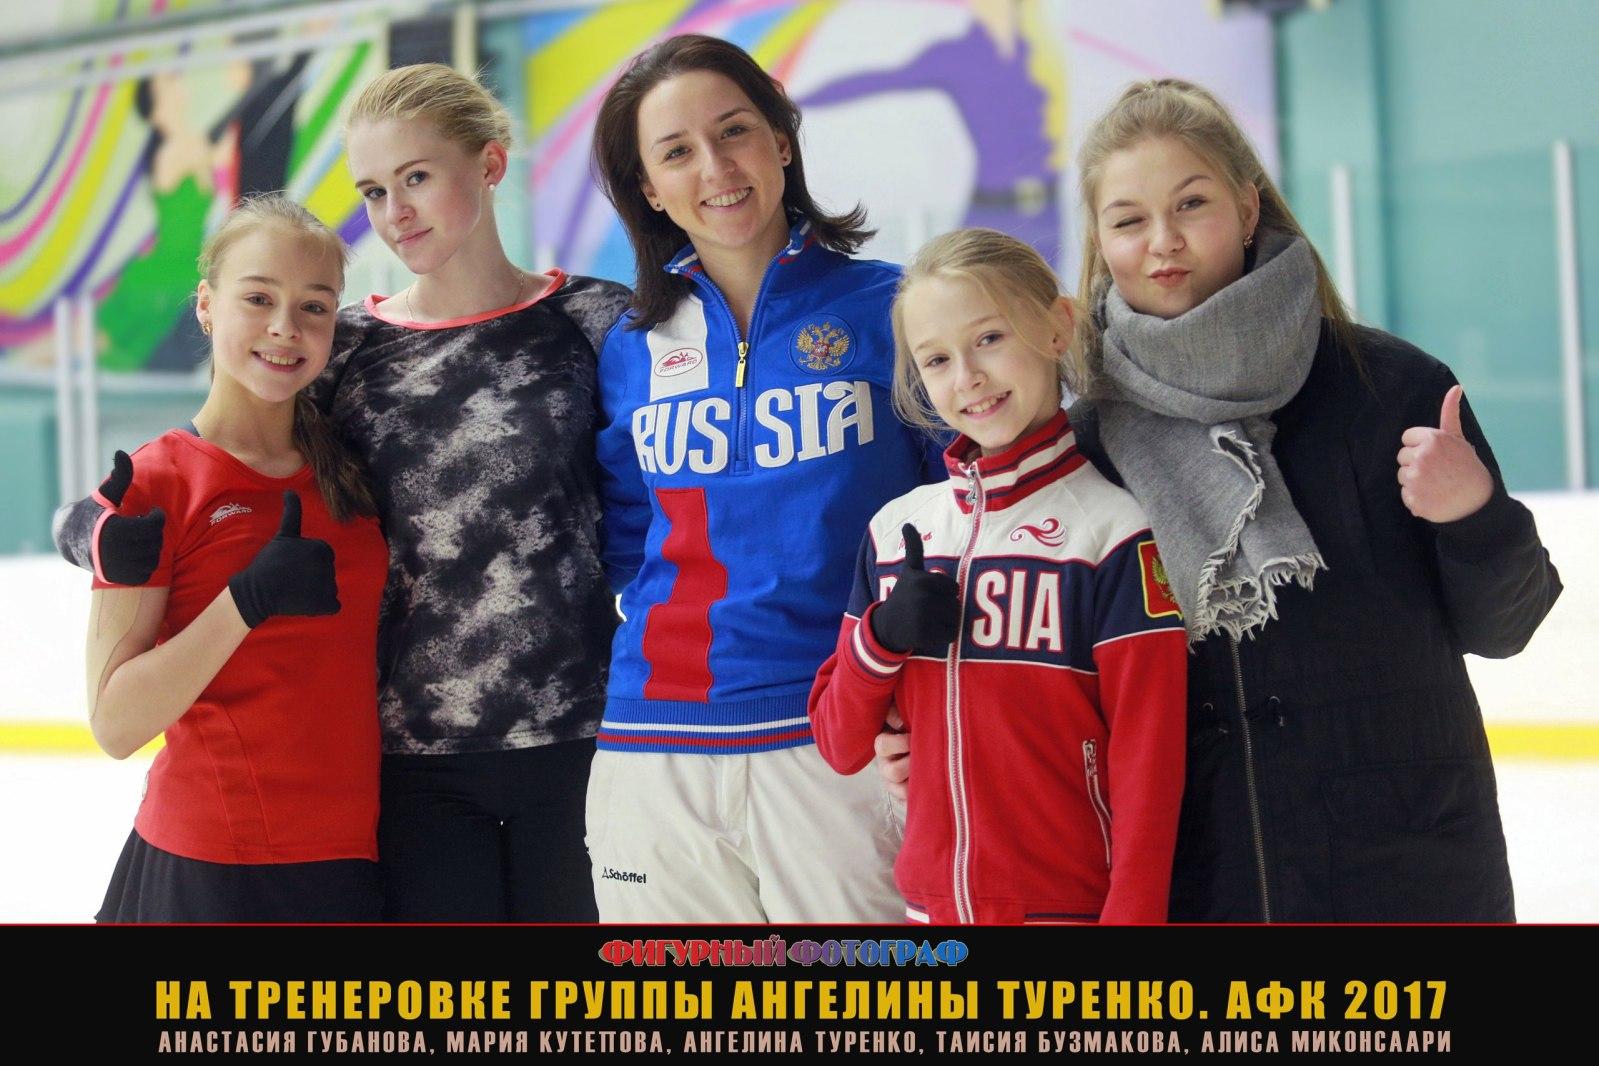 Ангелина Николаевна Туренко 1z4wi0j